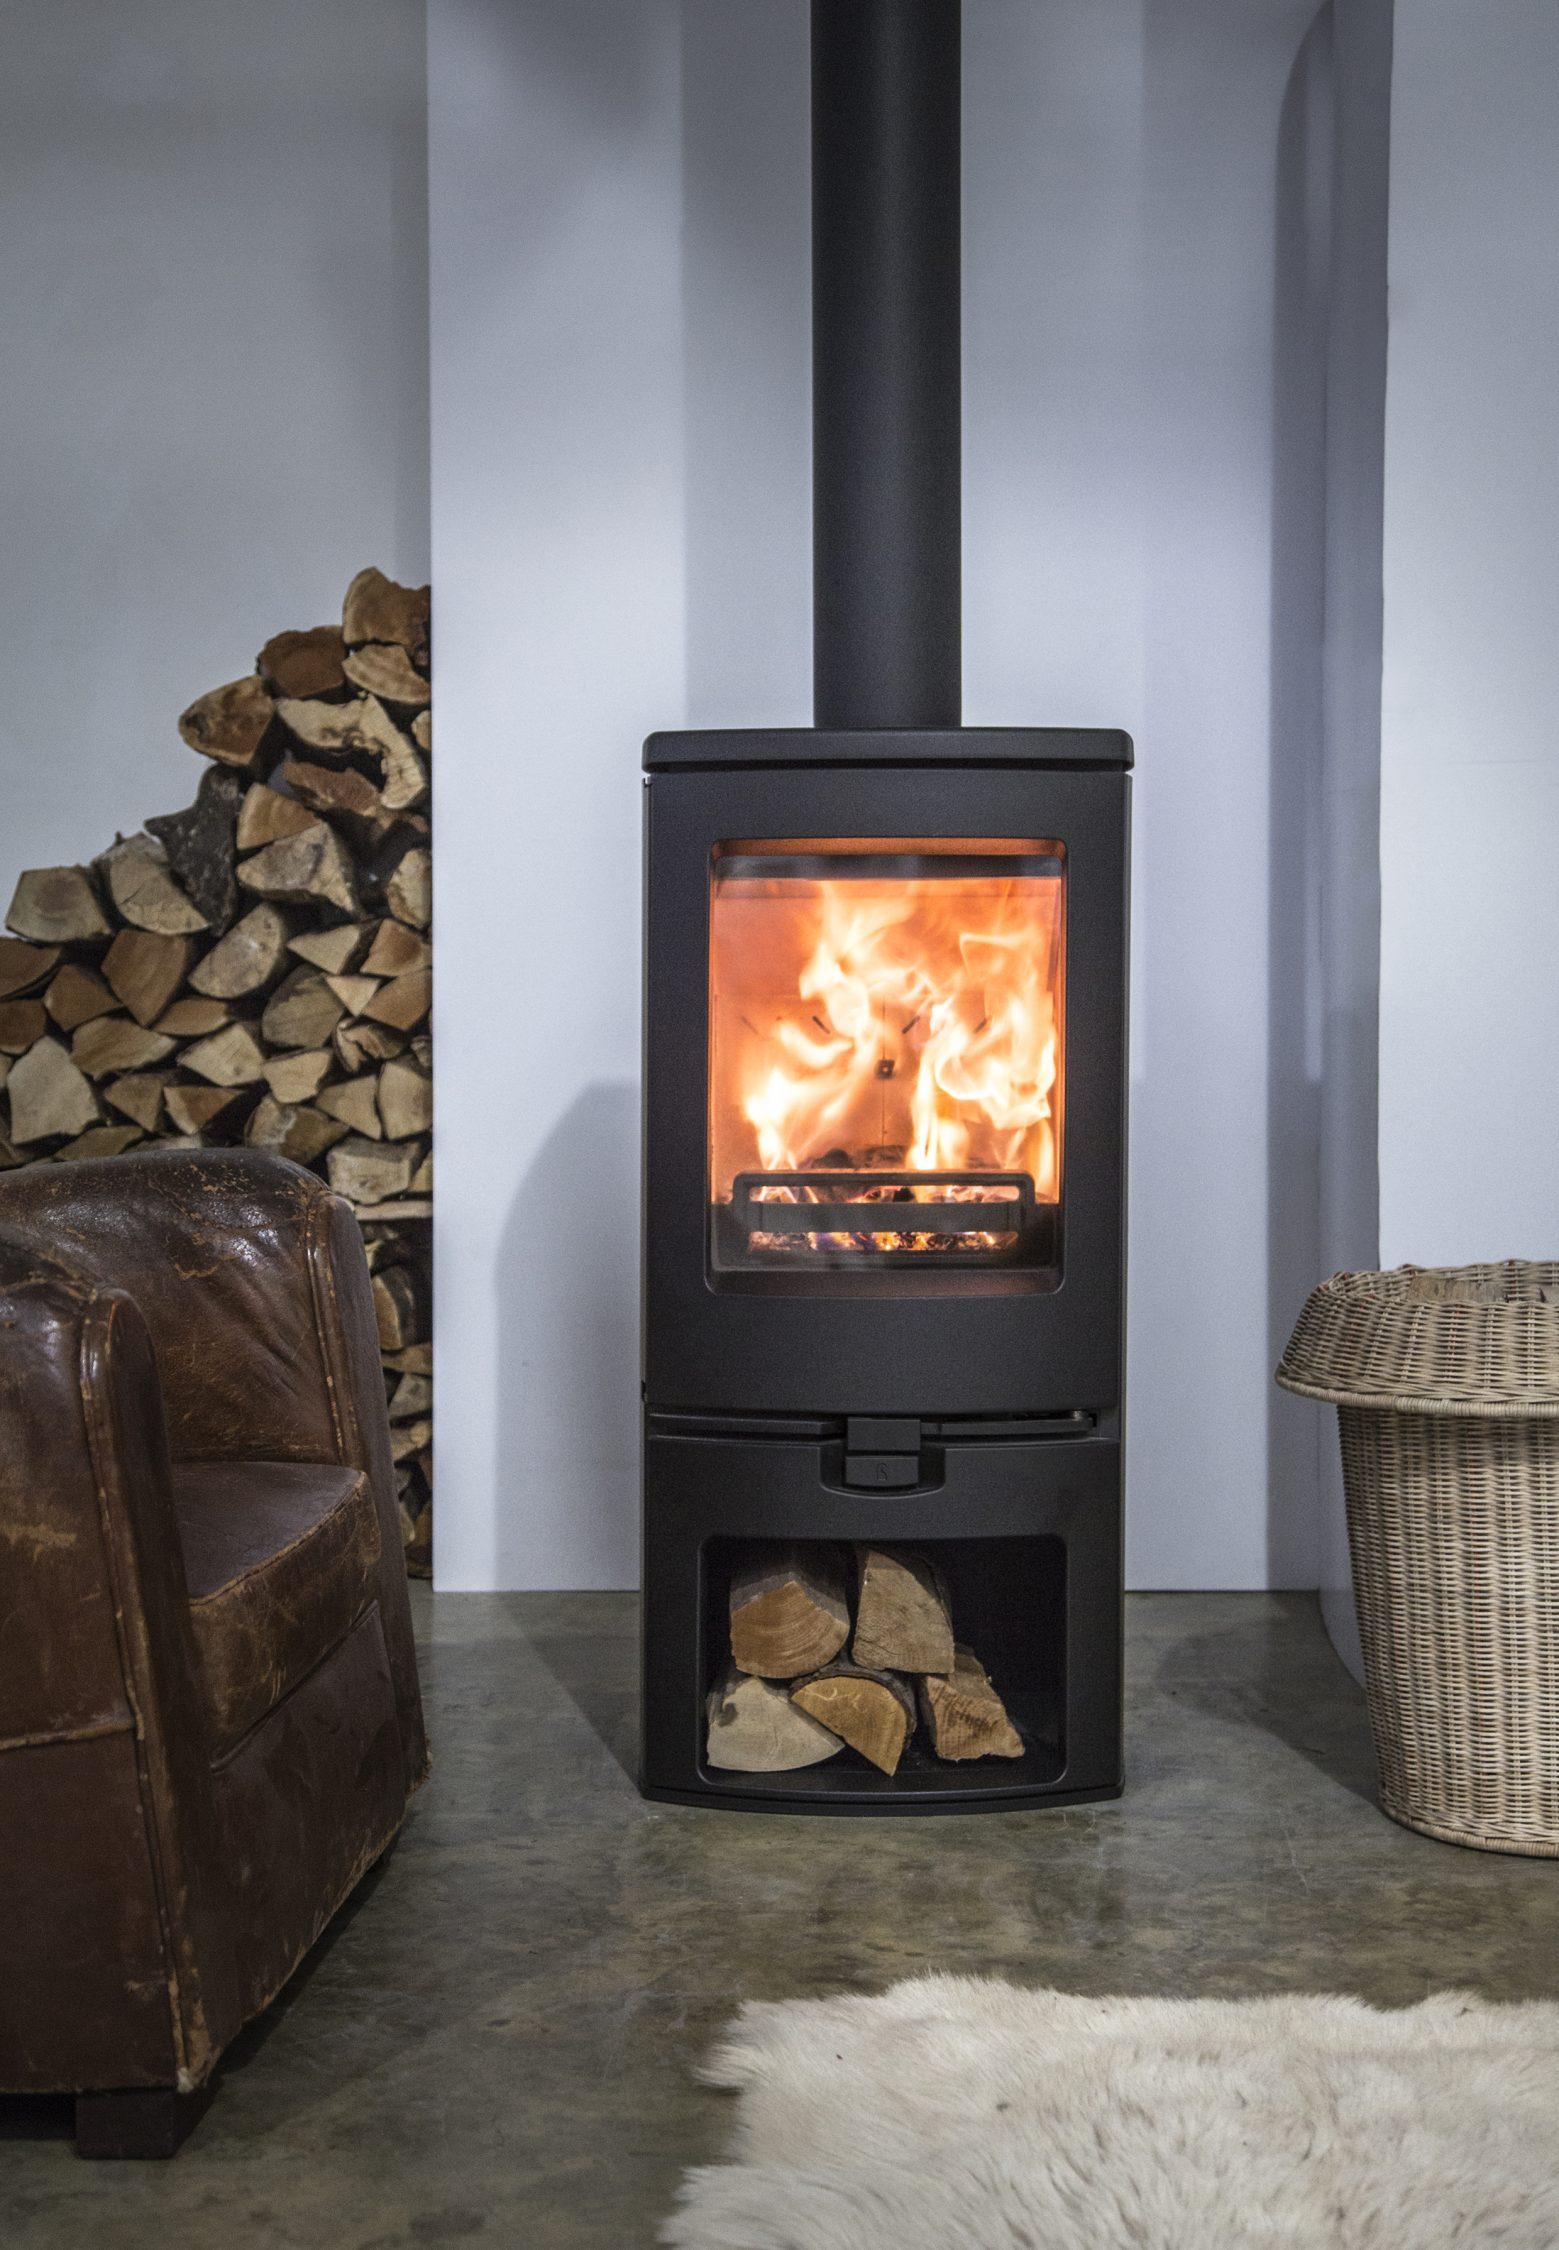 po les bois po les bois b ches arc 5 les ma tres du feu chemin e po le bois. Black Bedroom Furniture Sets. Home Design Ideas